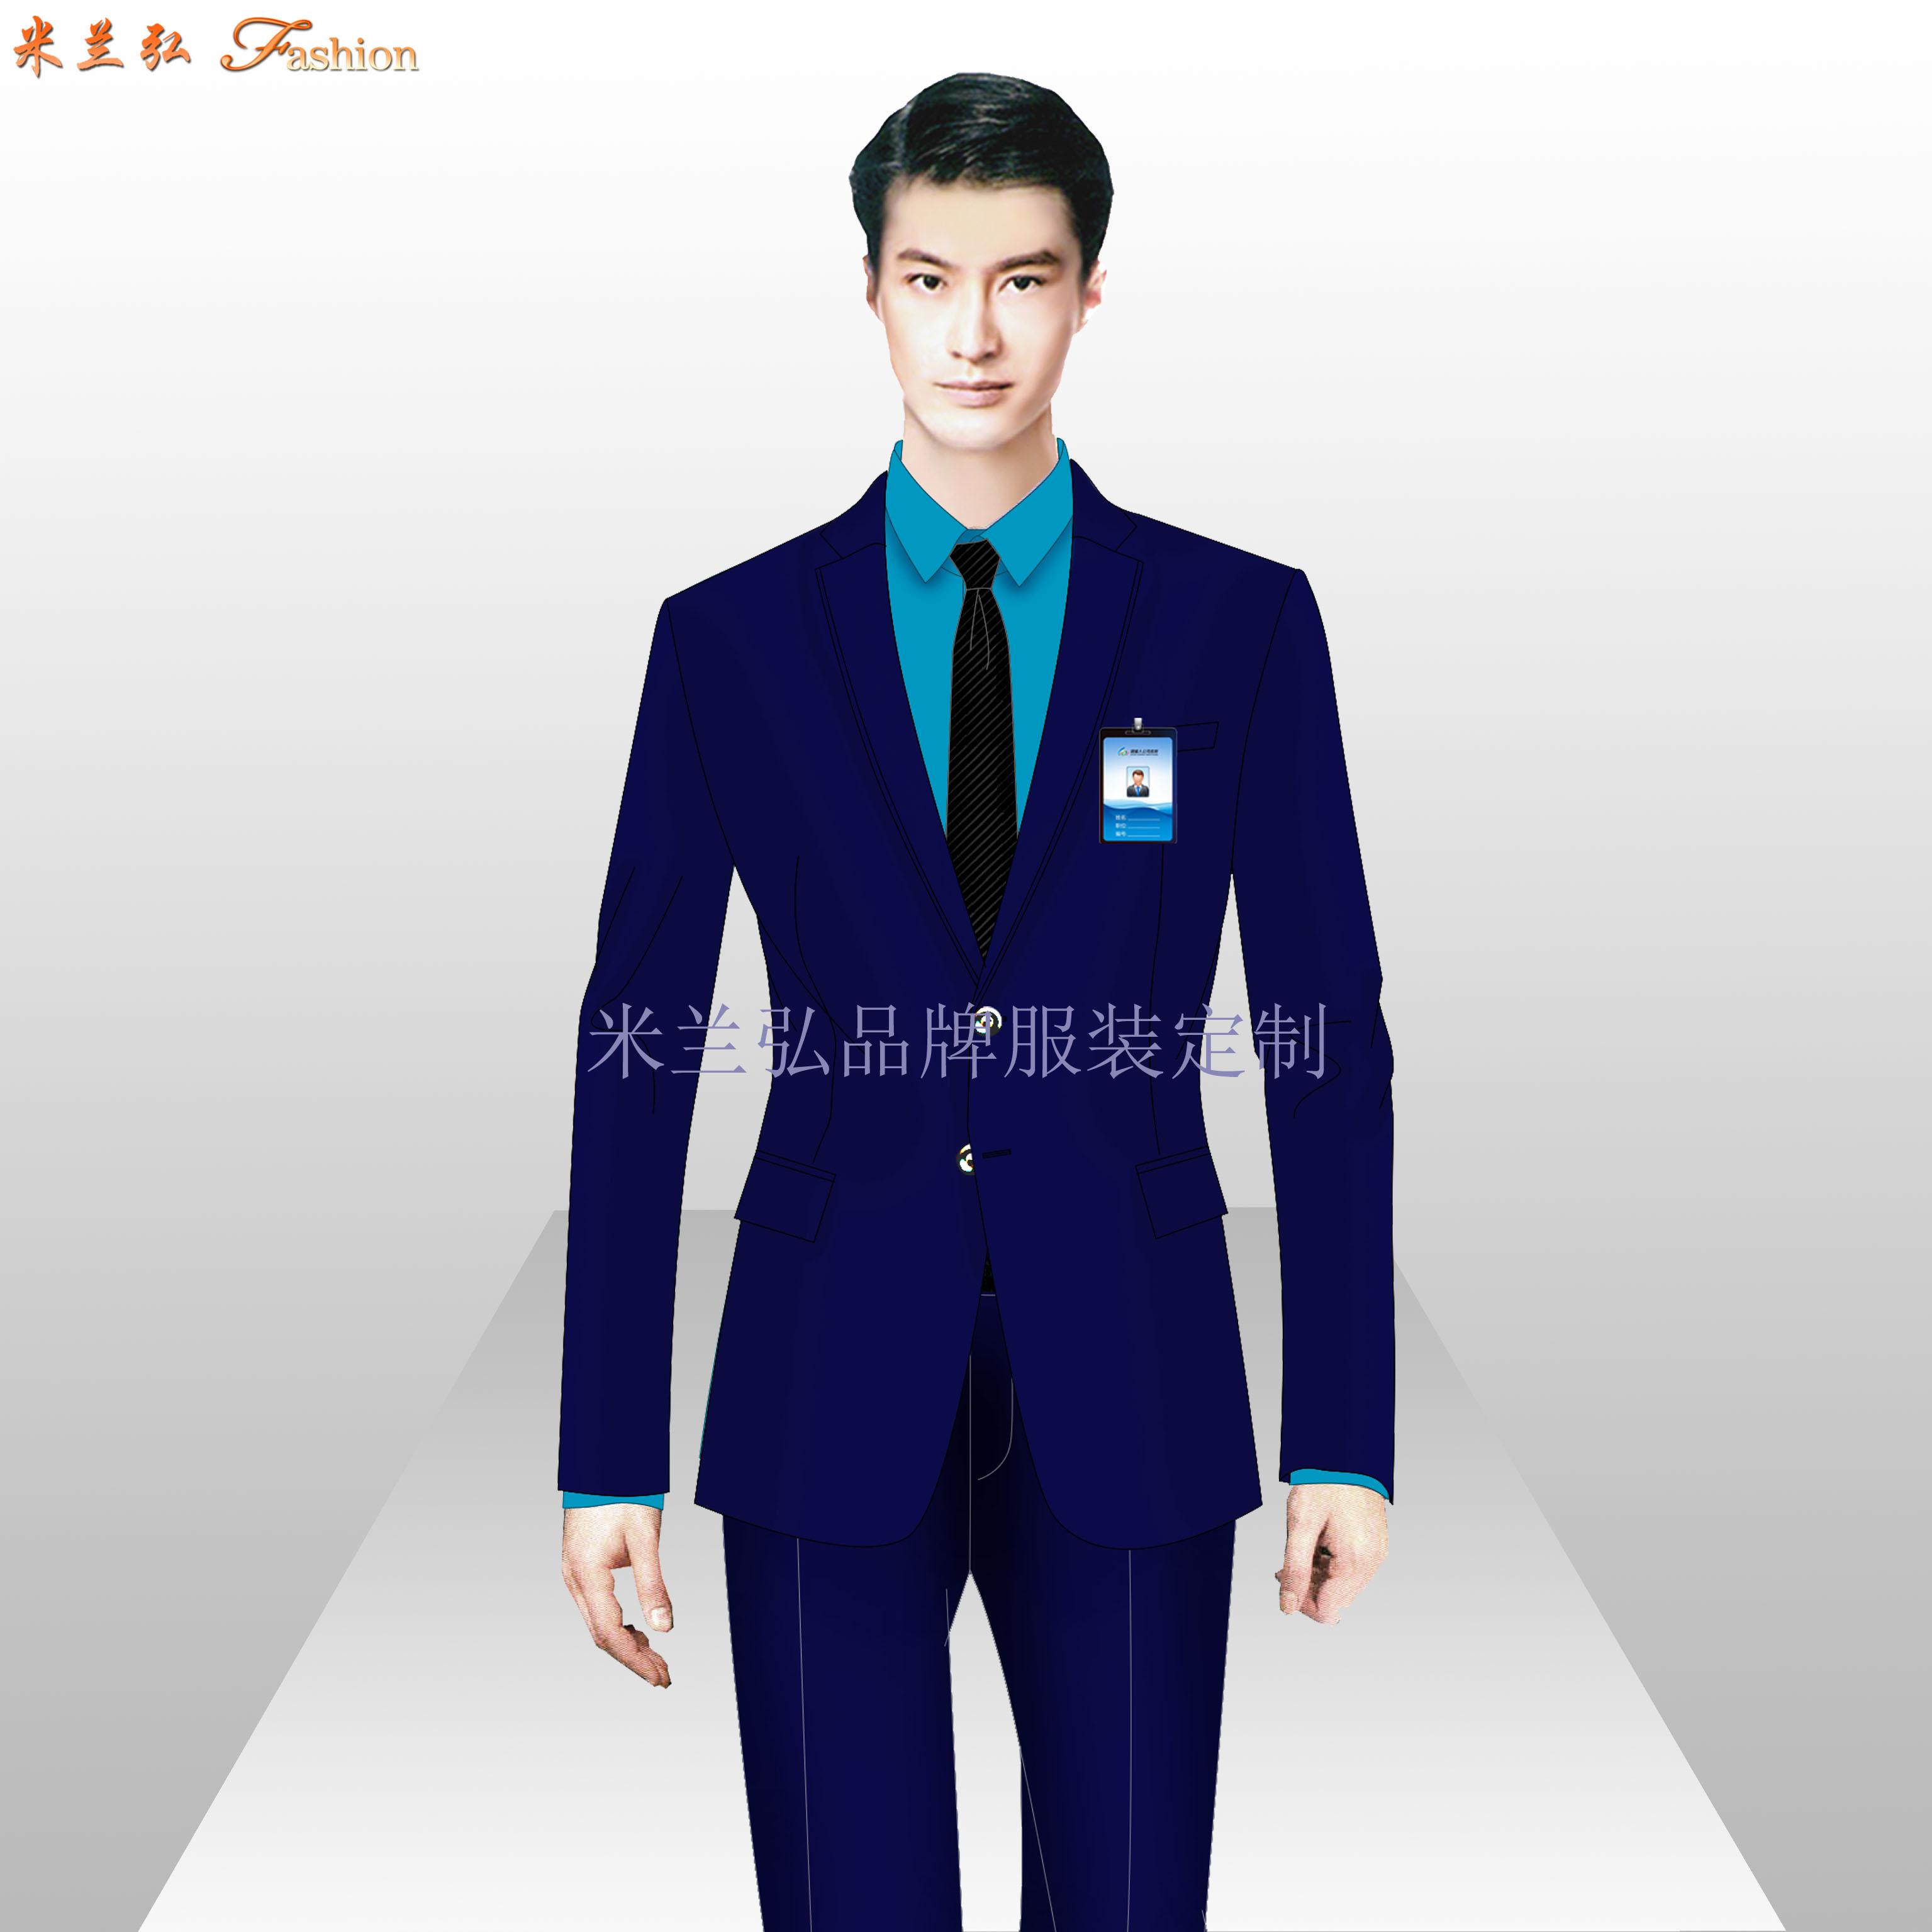 銀行辦公室職業裝_銀行工作服訂做-米蘭弘服裝廠家-1